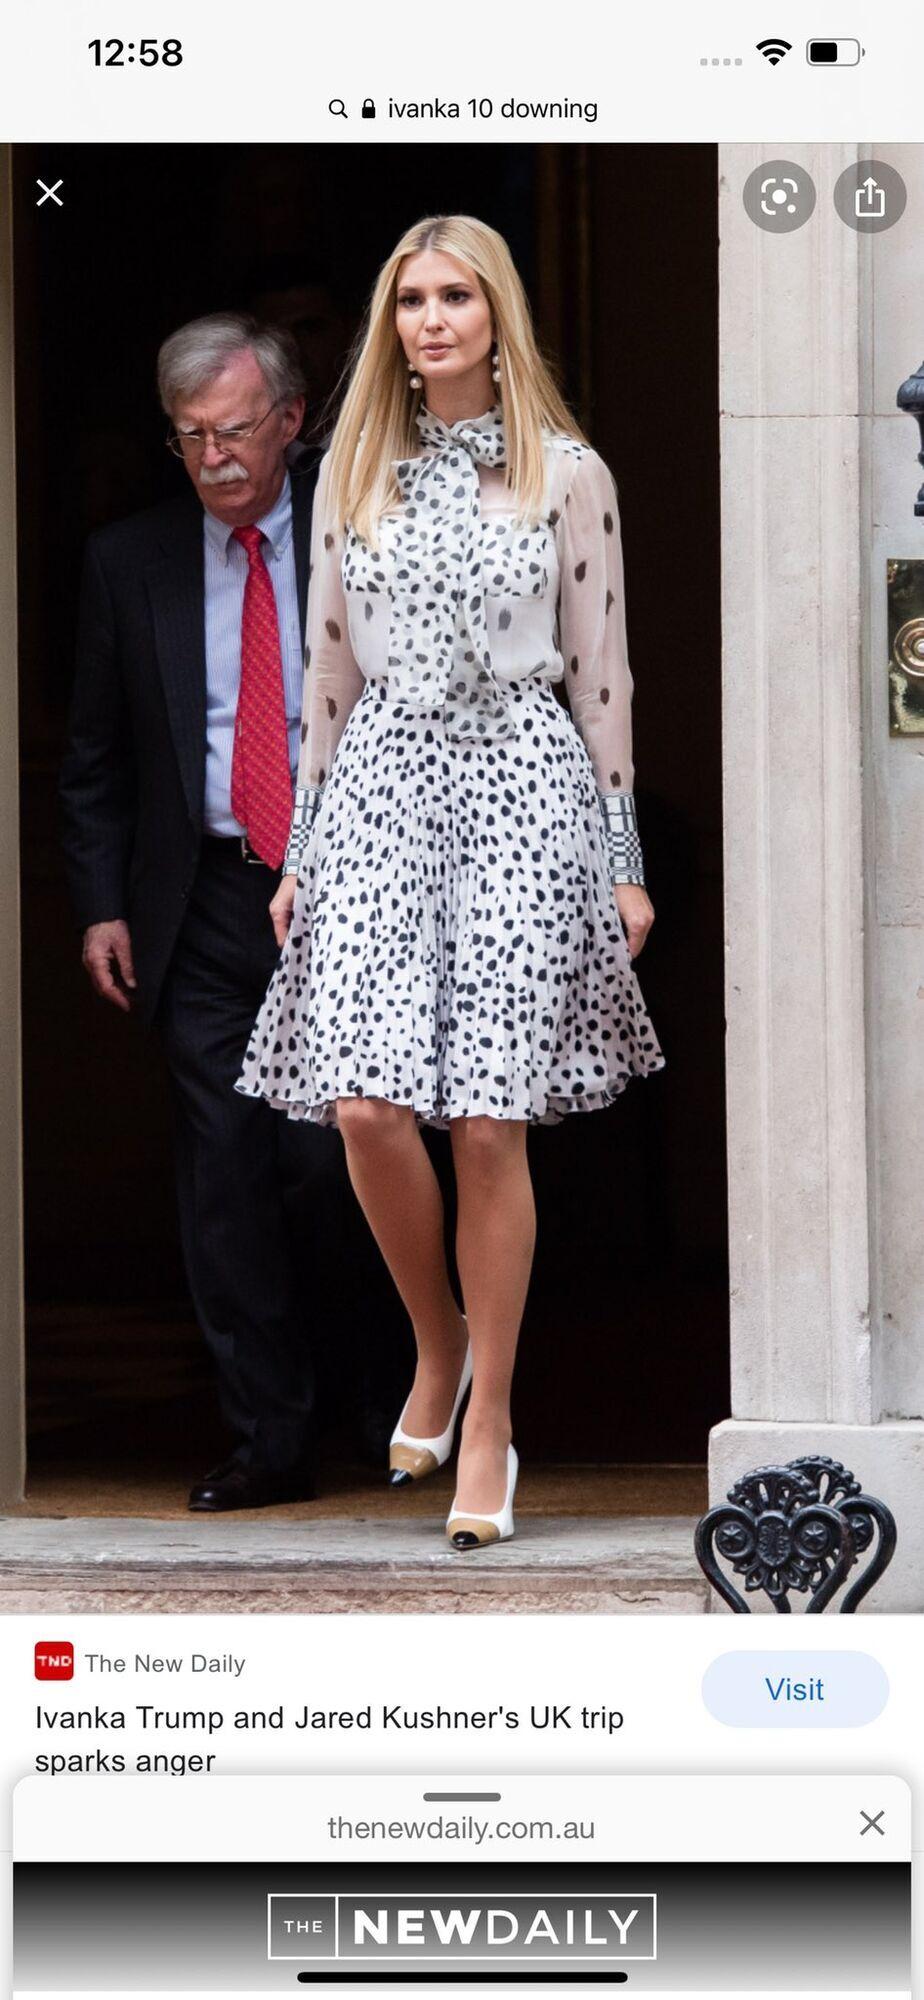 Іванка Трамп у білій сукні в горох